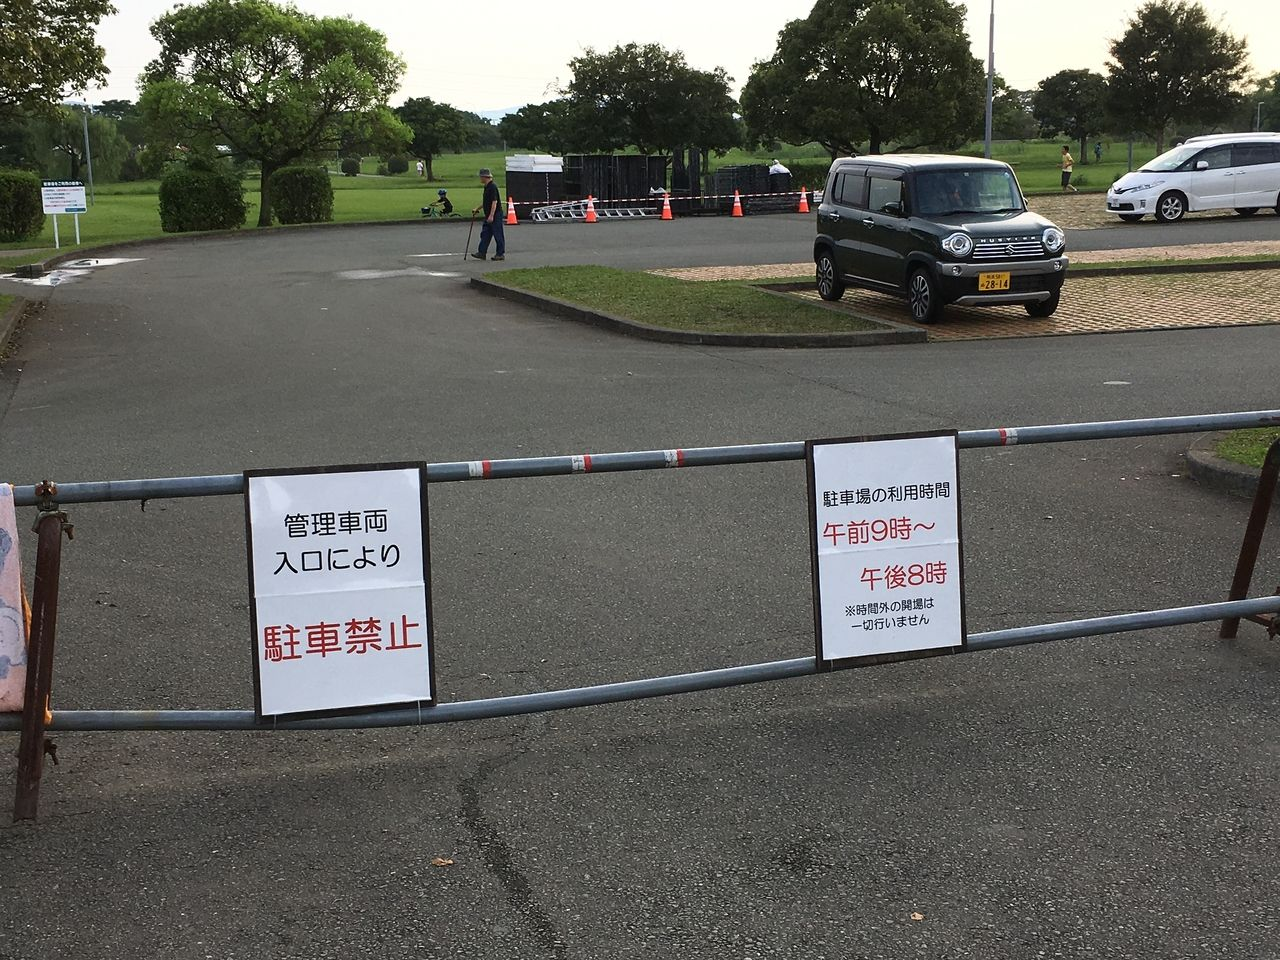 片付けのための管理車両入口により駐車禁止の看板